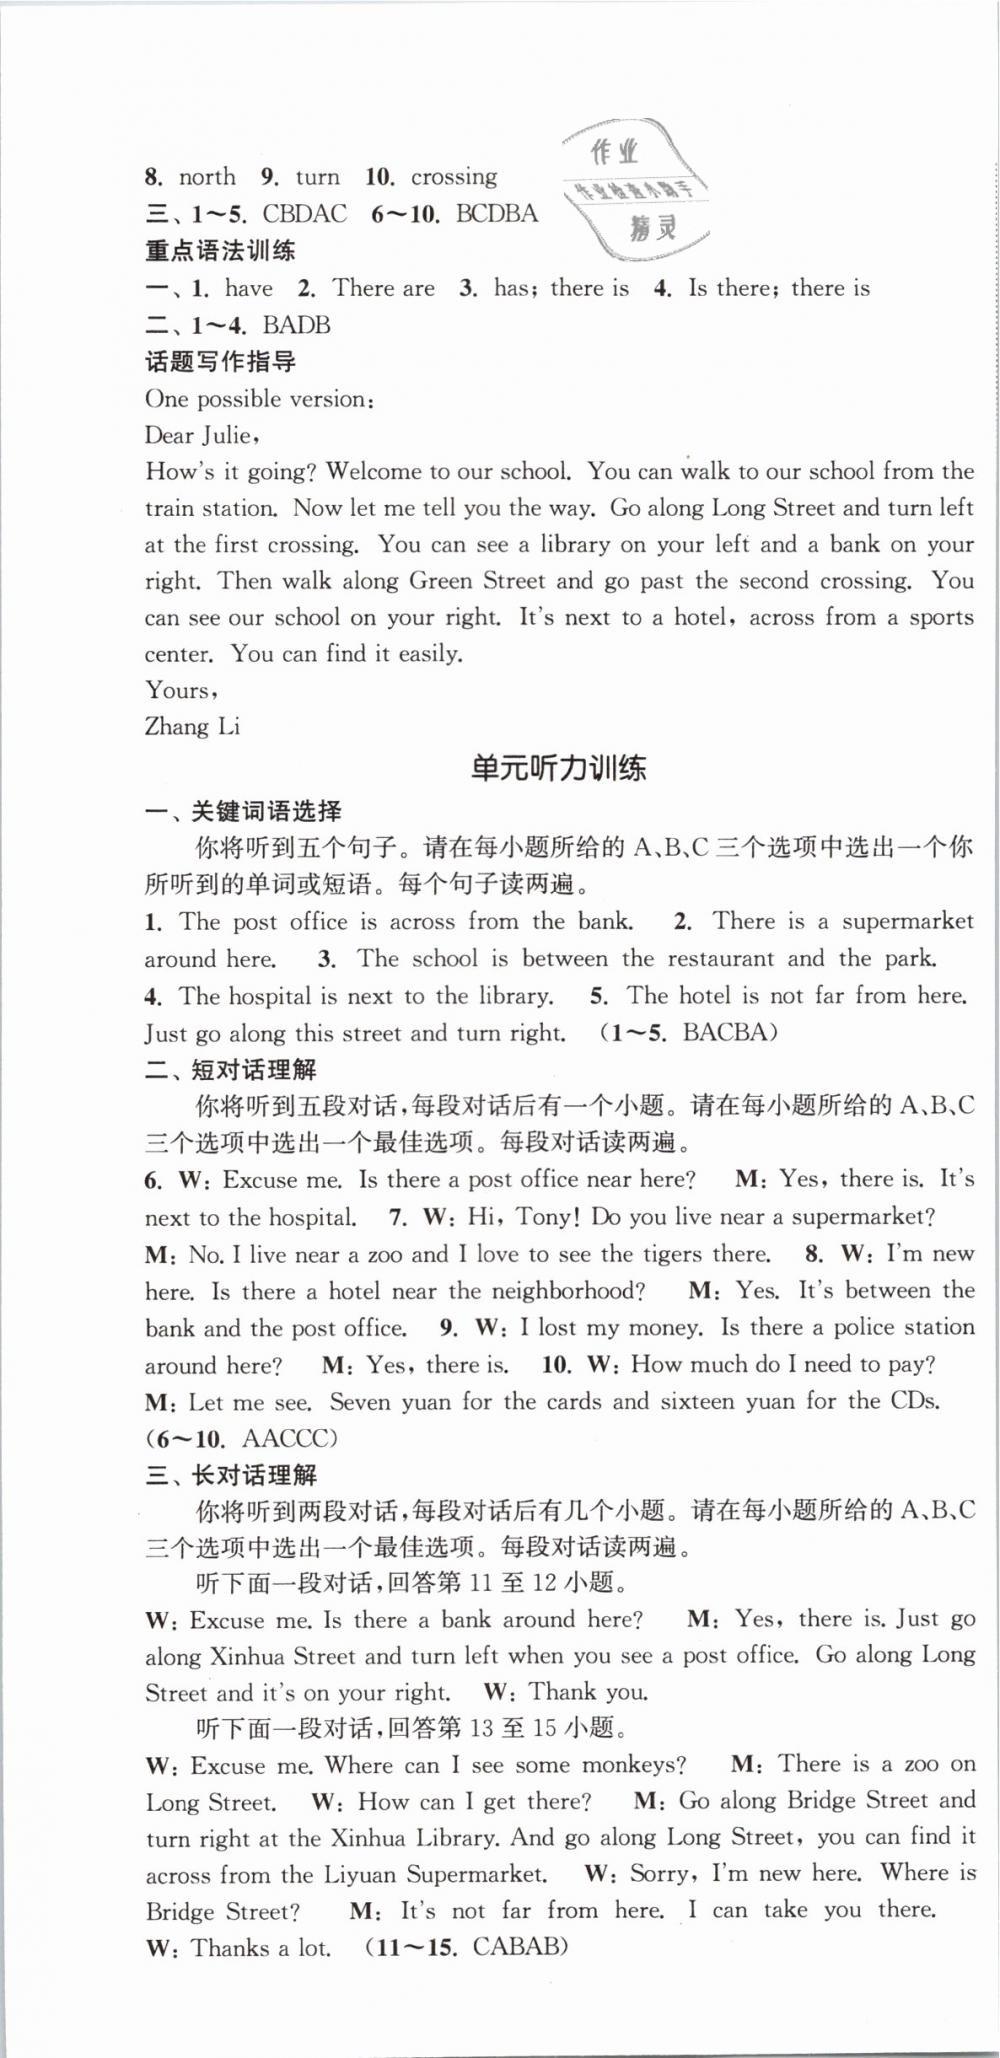 2019年通城学典课时作业本七年级英语下册人教版安徽专用第19页